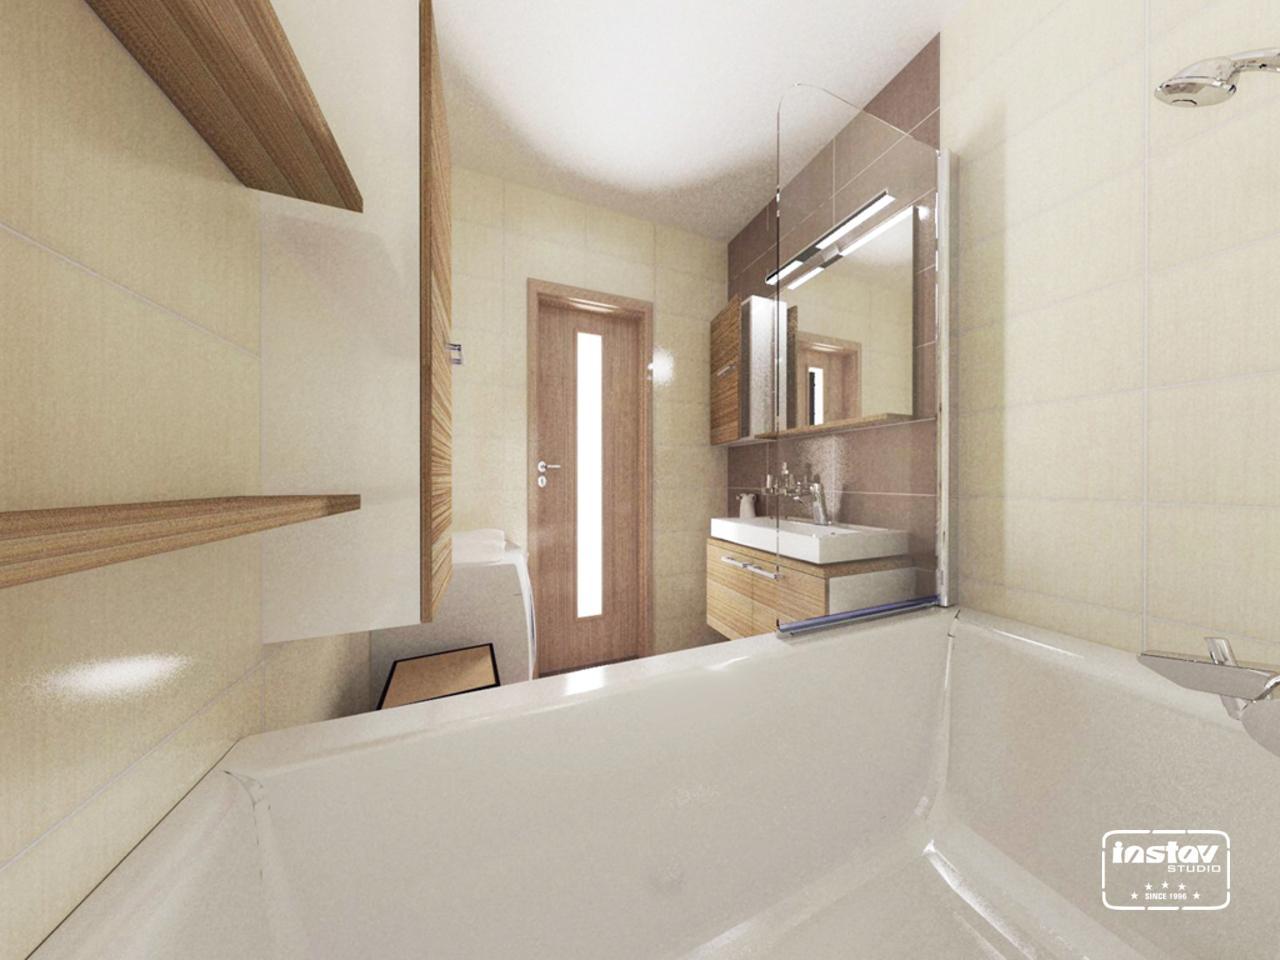 Vizualizácie kúpeľní - Vizualizácia kúpeľne - Carioca